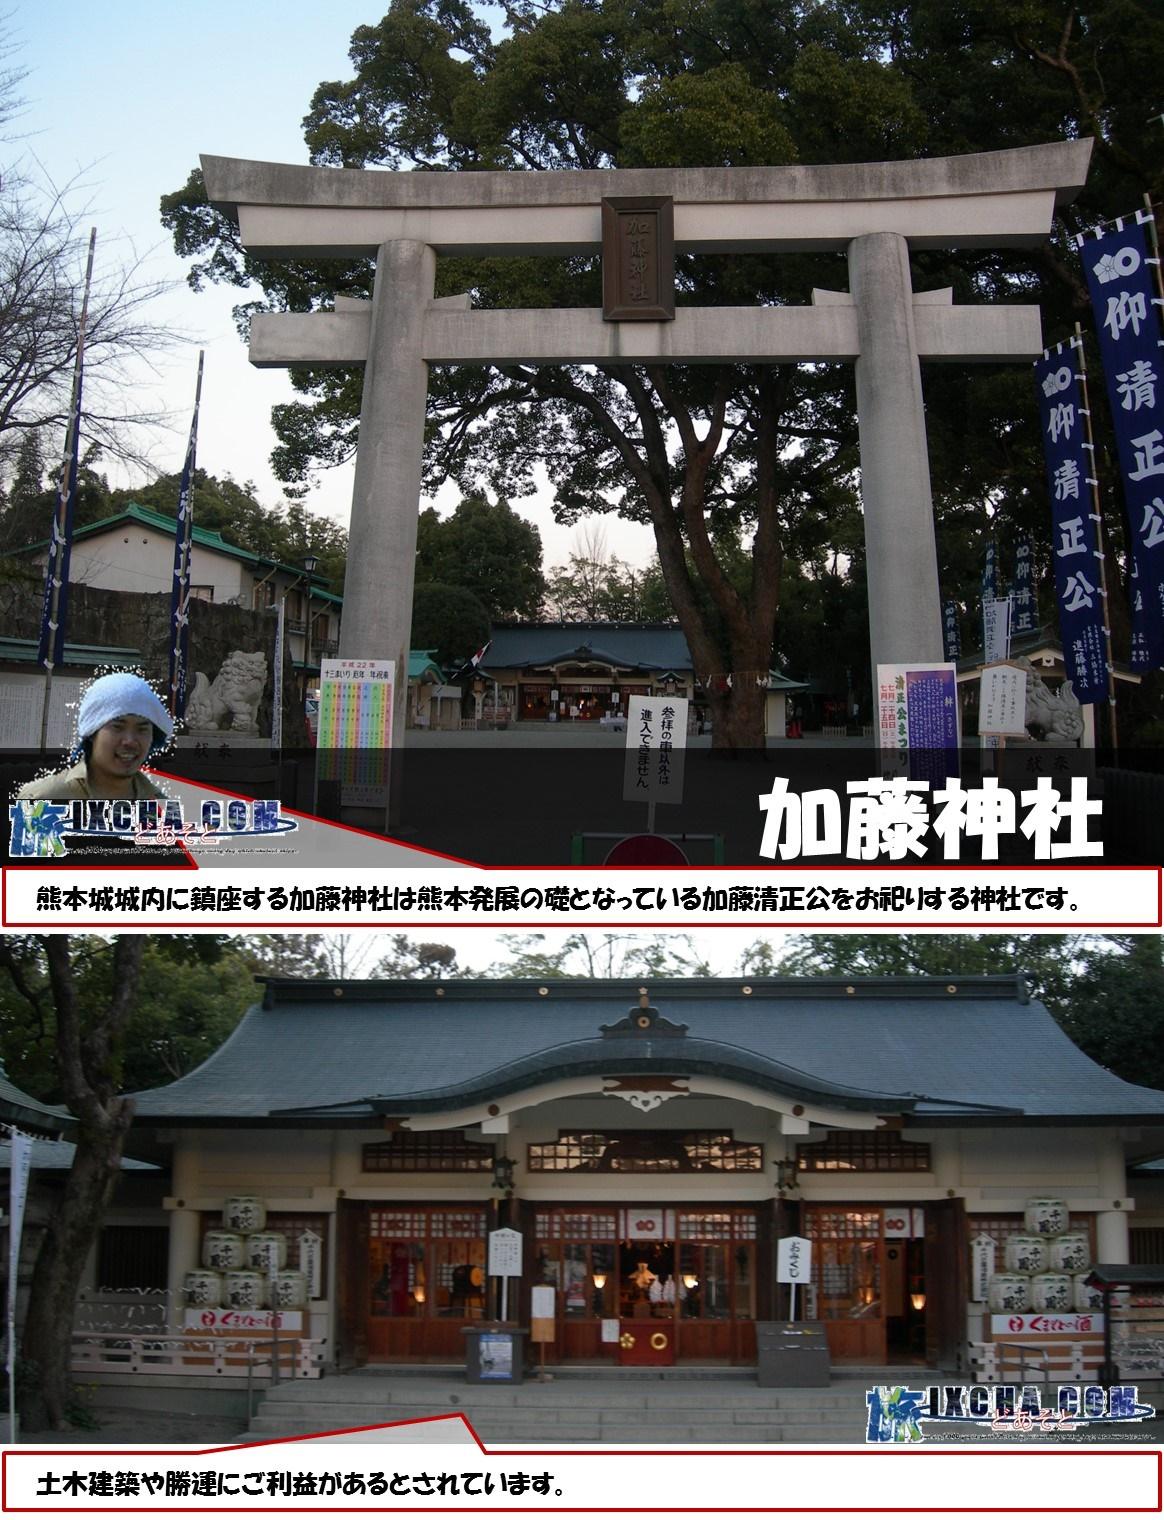 加藤神社 熊本城城内に鎮座する加藤神社は熊本発展の礎となっている加藤清正公をお祀りする神社です。 土木建築や勝運にご利益があるとされています。